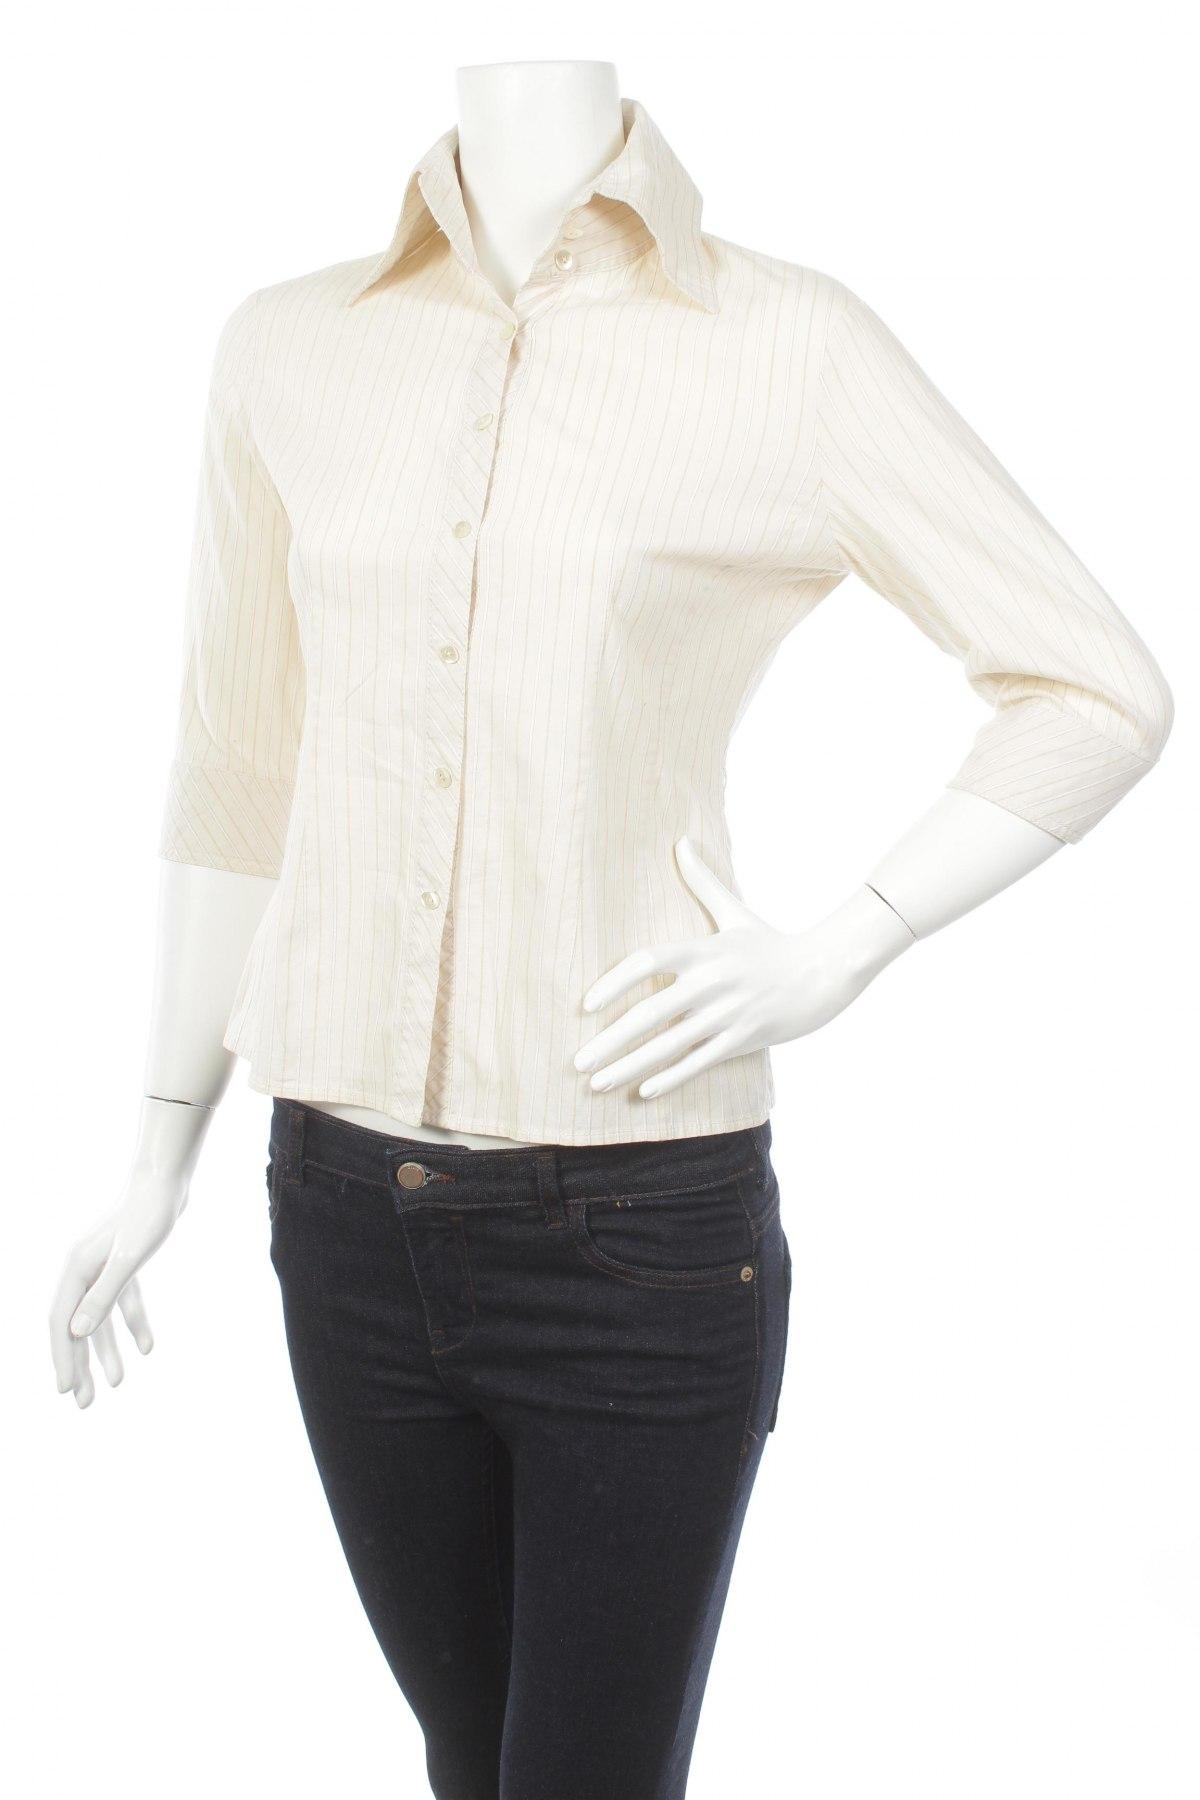 Γυναικείο πουκάμισο, Μέγεθος M, Χρώμα Εκρού, 97% βαμβάκι, 3% ελαστάνη, Τιμή 14,23€